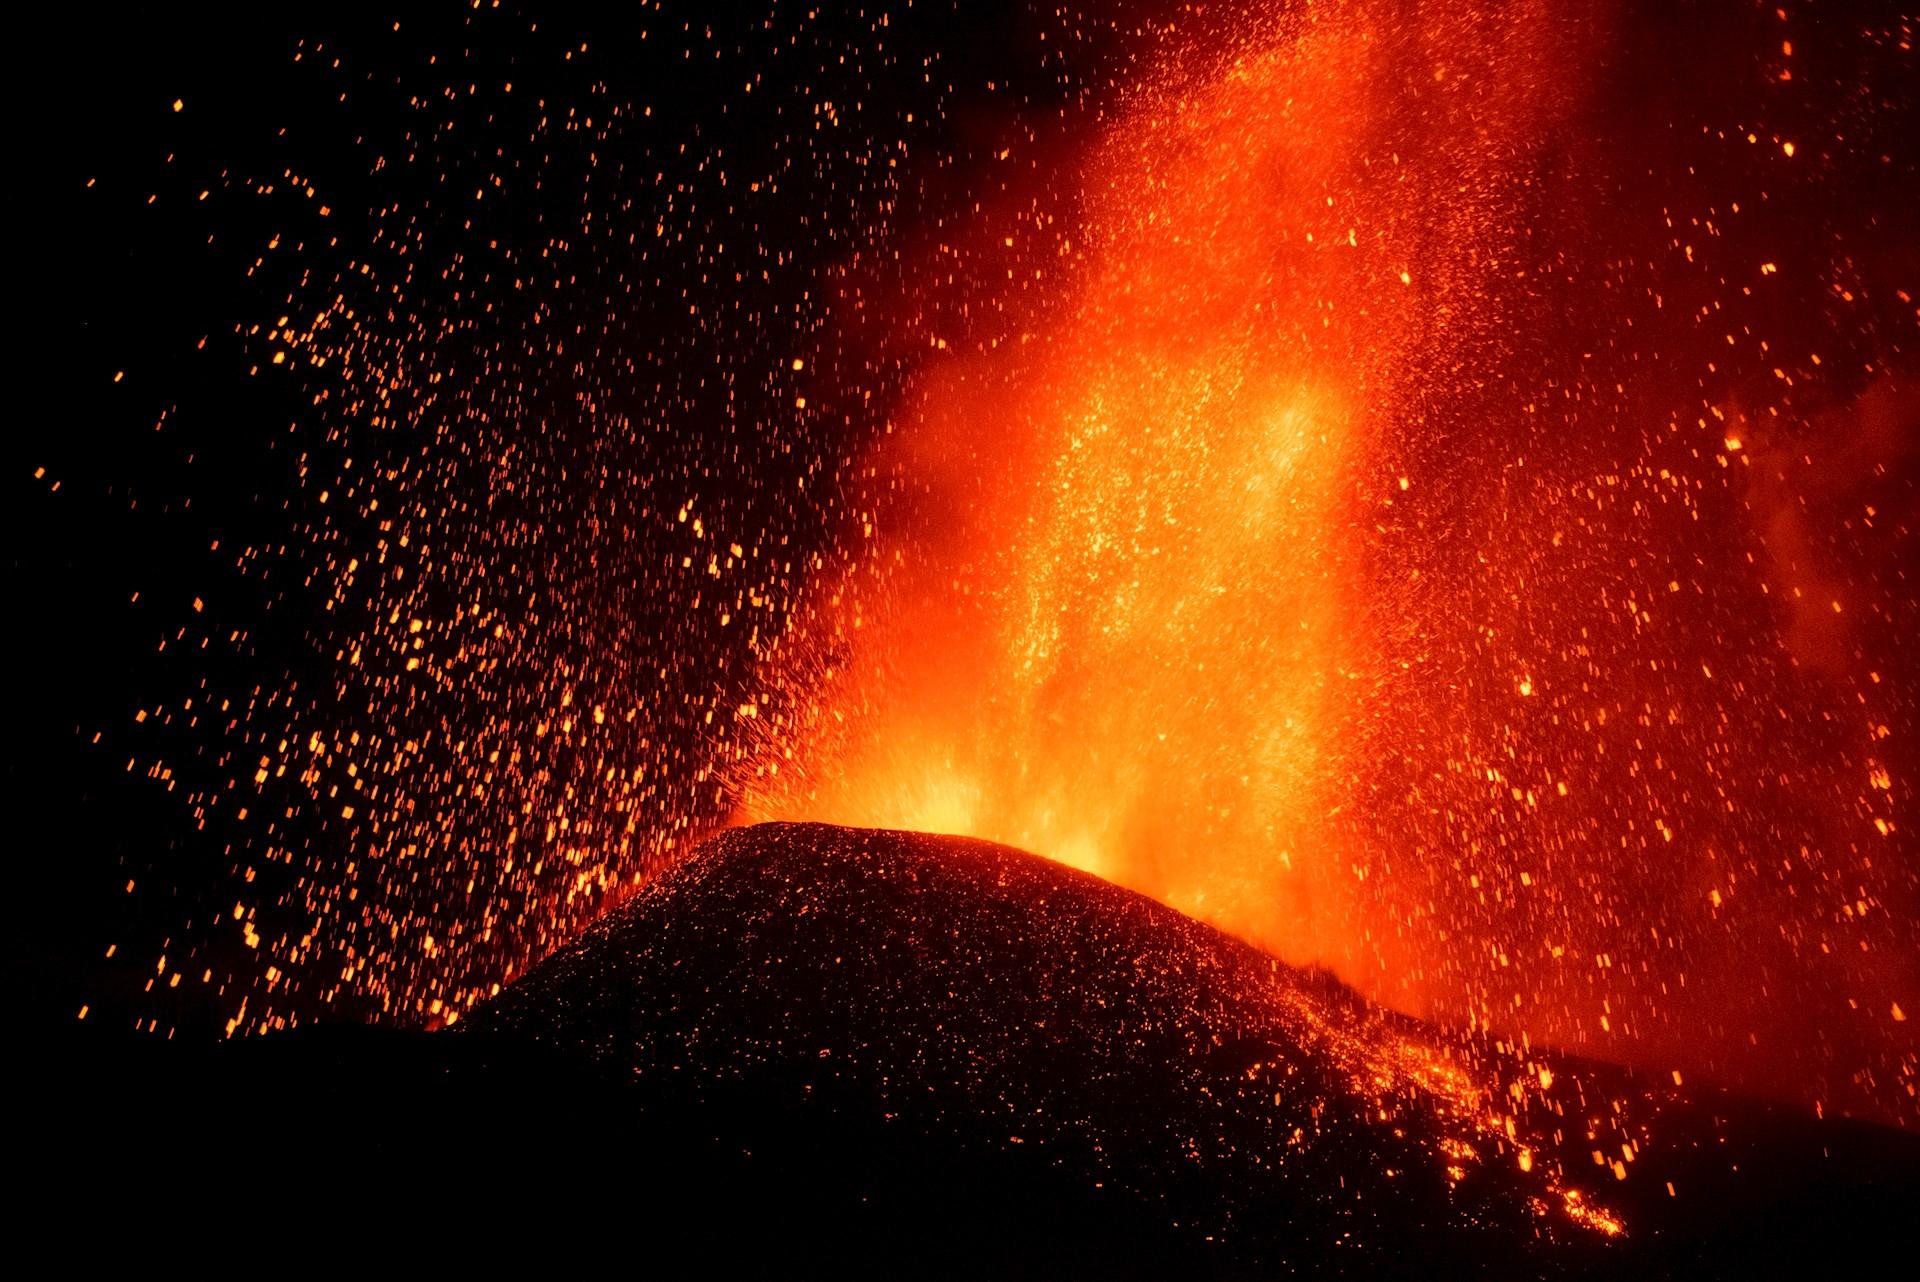 El volcán estalló este domingo en La Palma pasa en las últimas jornadas por fases más explosivas. Imagen tomada esta madrugada desde el municipio de El Paso, al inicio del sexto día de erupción. Foto de EFE/ Carlos de Saá.